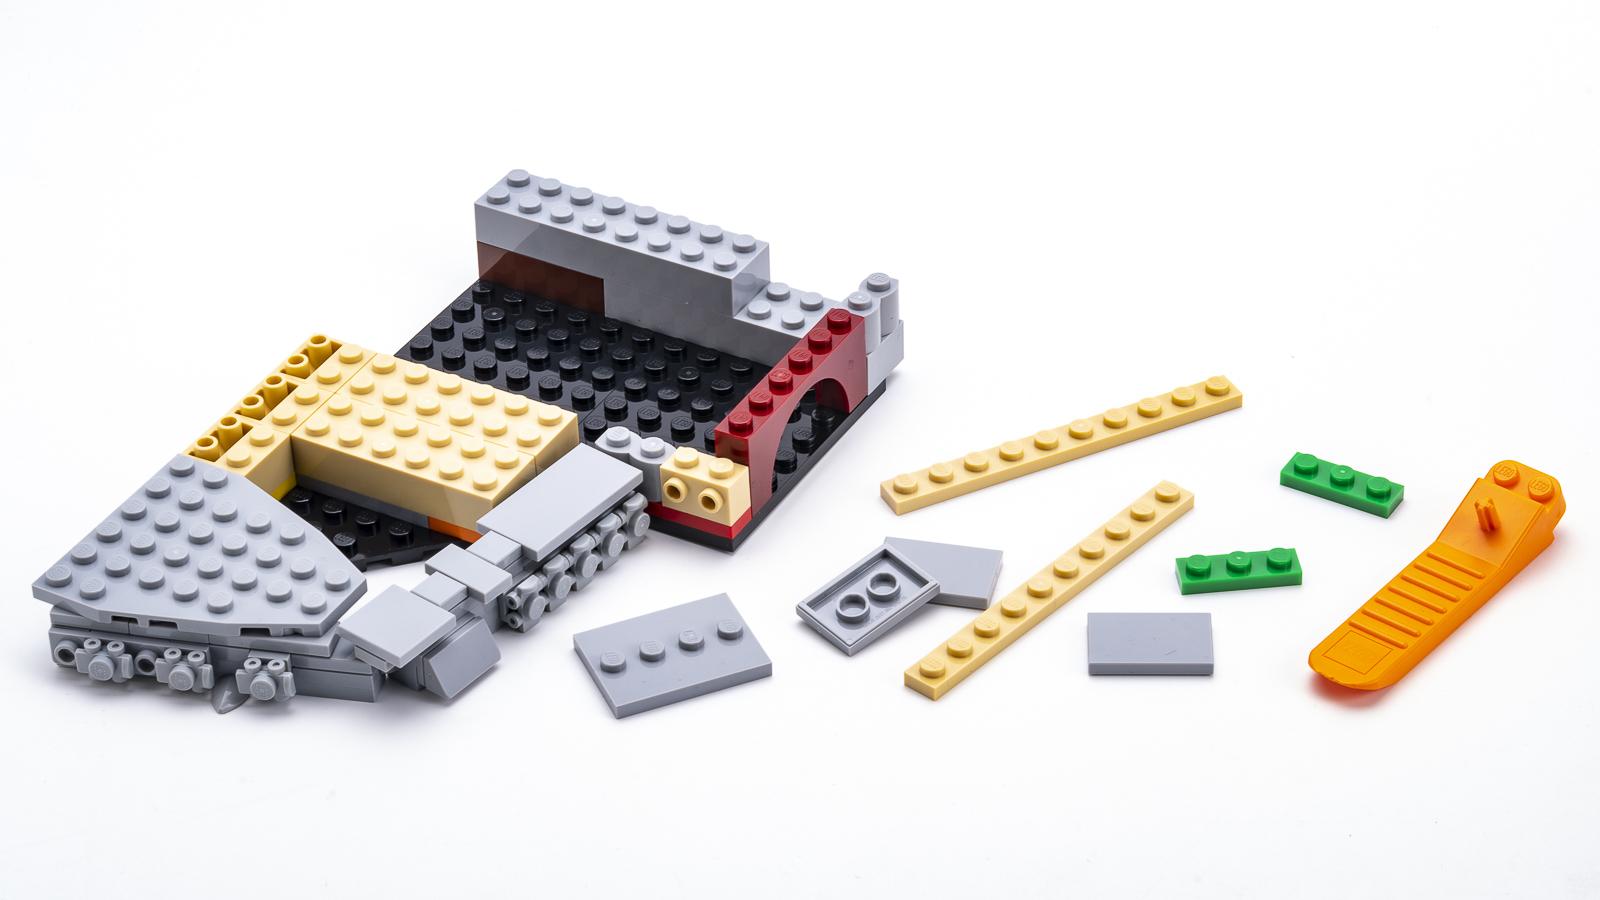 全長1mオーバー、LEGOで組む巨大なスター・デストロイヤーに本物の「優しさ」を感じた話_b0029315_18245636.jpg